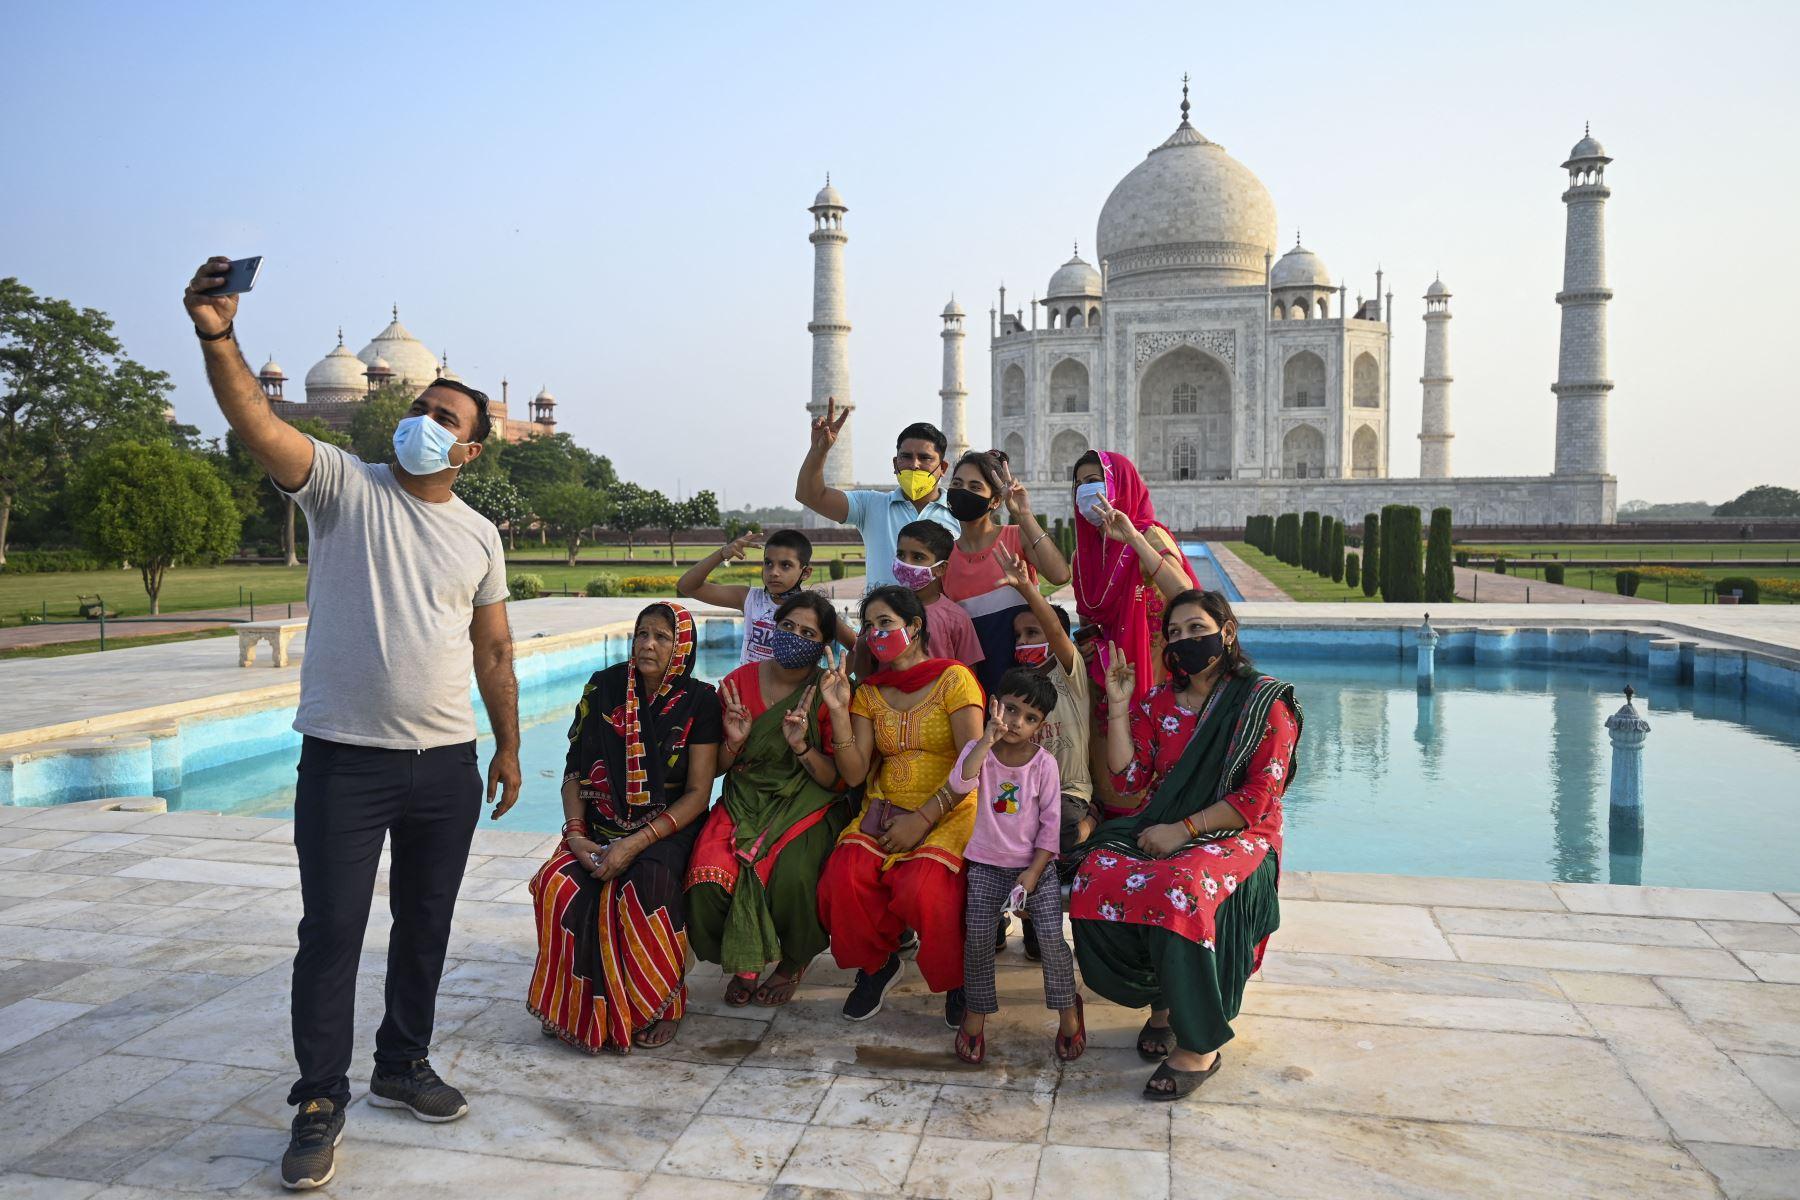 Un grupo de turistas toma fotos de recuerdo en el Taj Mahal después de que reabrió a los visitantes luego de que las autoridades flexibilizaran las restricciones del covid-19 en Agra. Foto: AFP